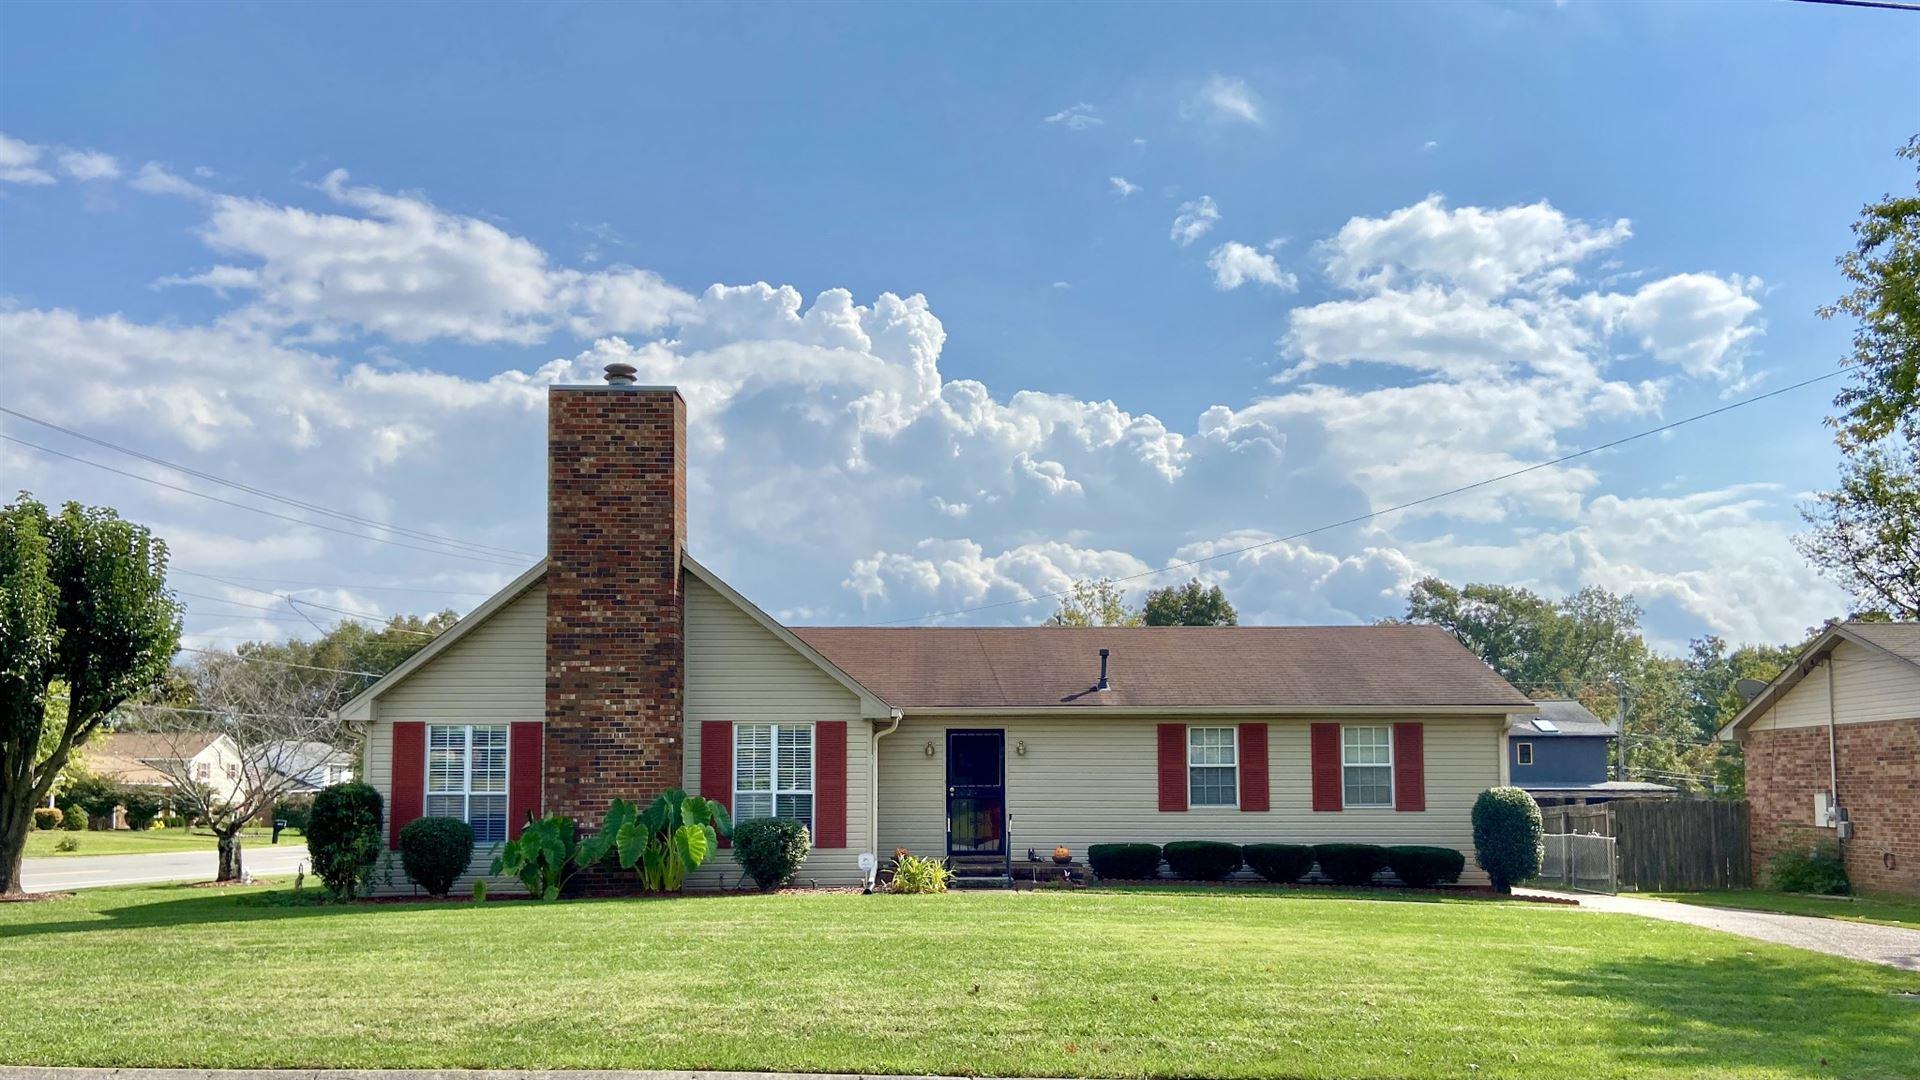 401 Springtime Ct, Antioch, TN 37013 - MLS#: 2301213